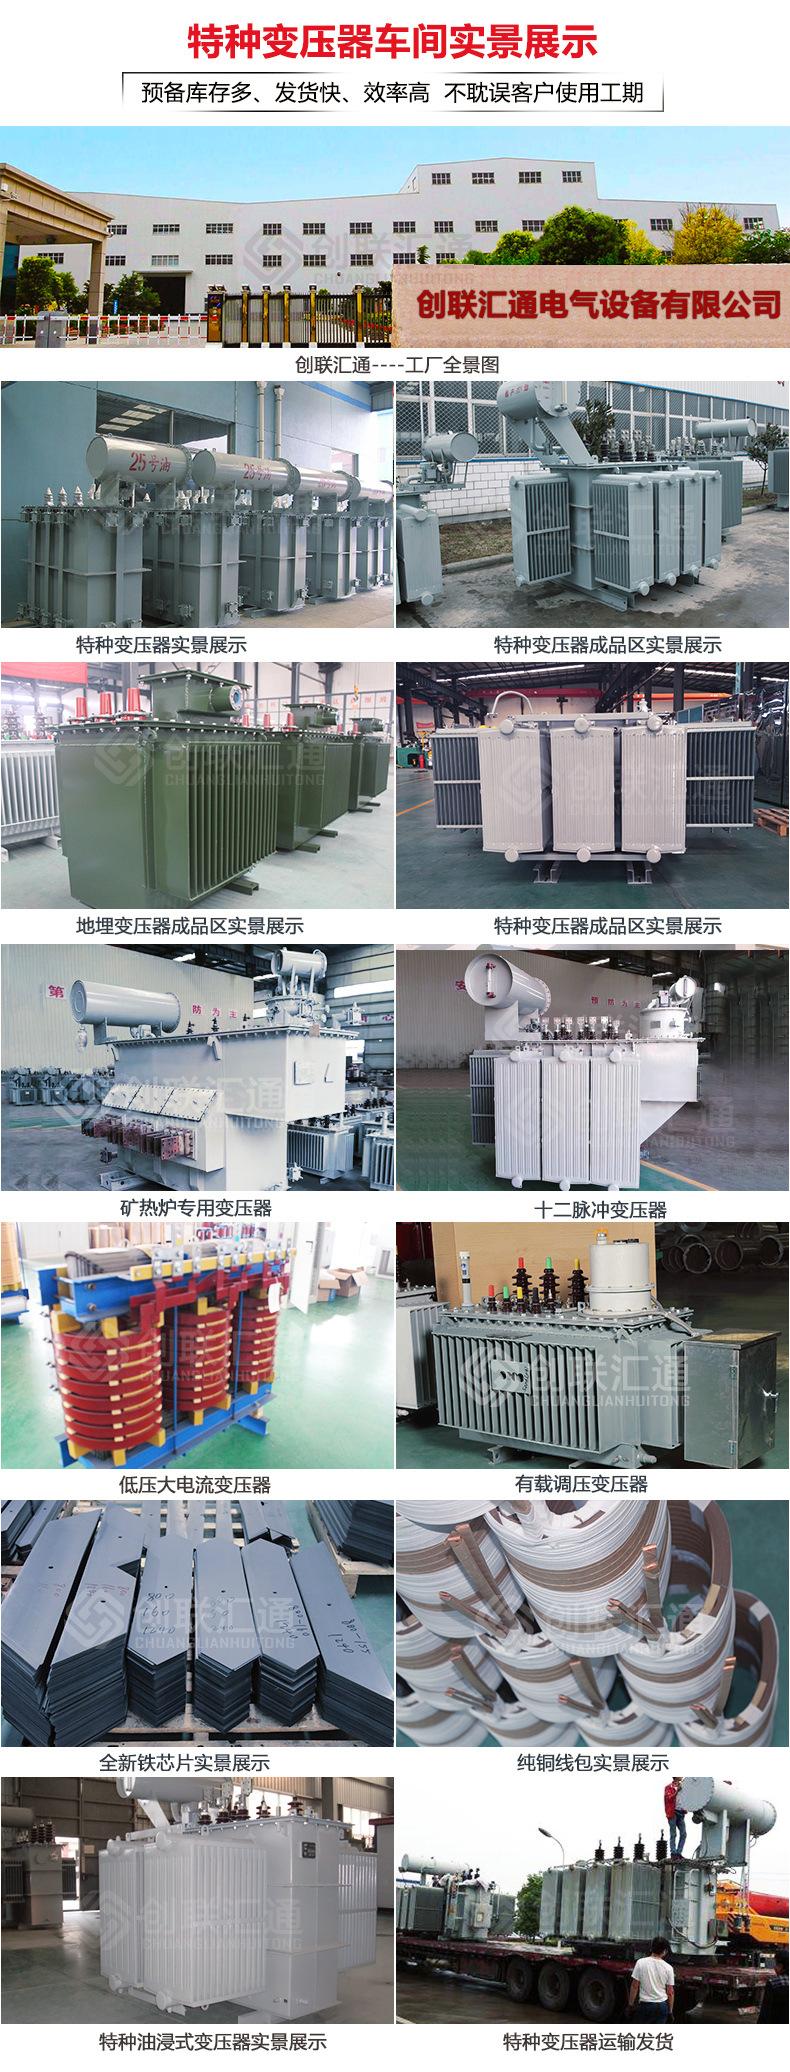 变压器有载调压SZ11 10kv有载调压变压器全铜材质厂家直销可定制-创联汇通示例图10